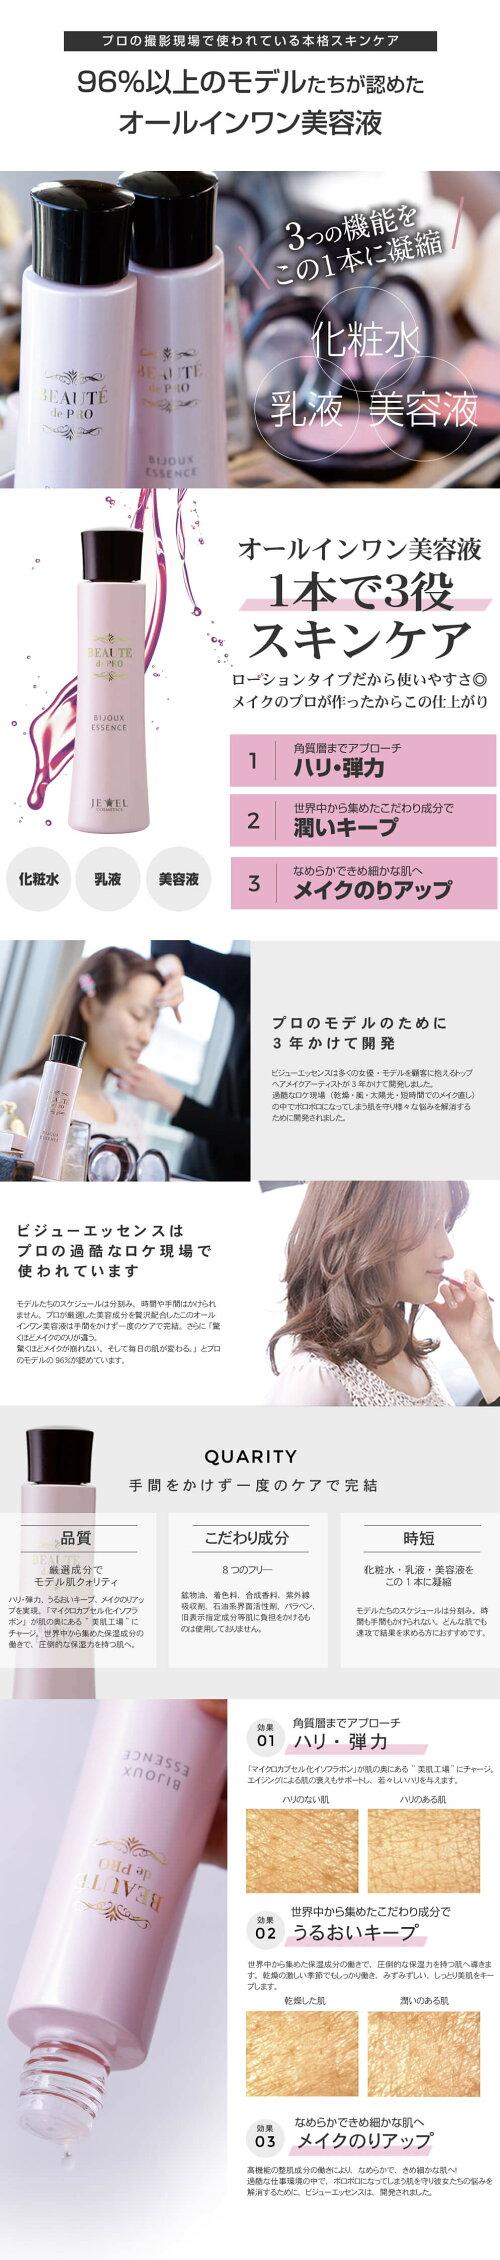 【送料無料】ボーテド・プロ・ビジューエッセンス80ml